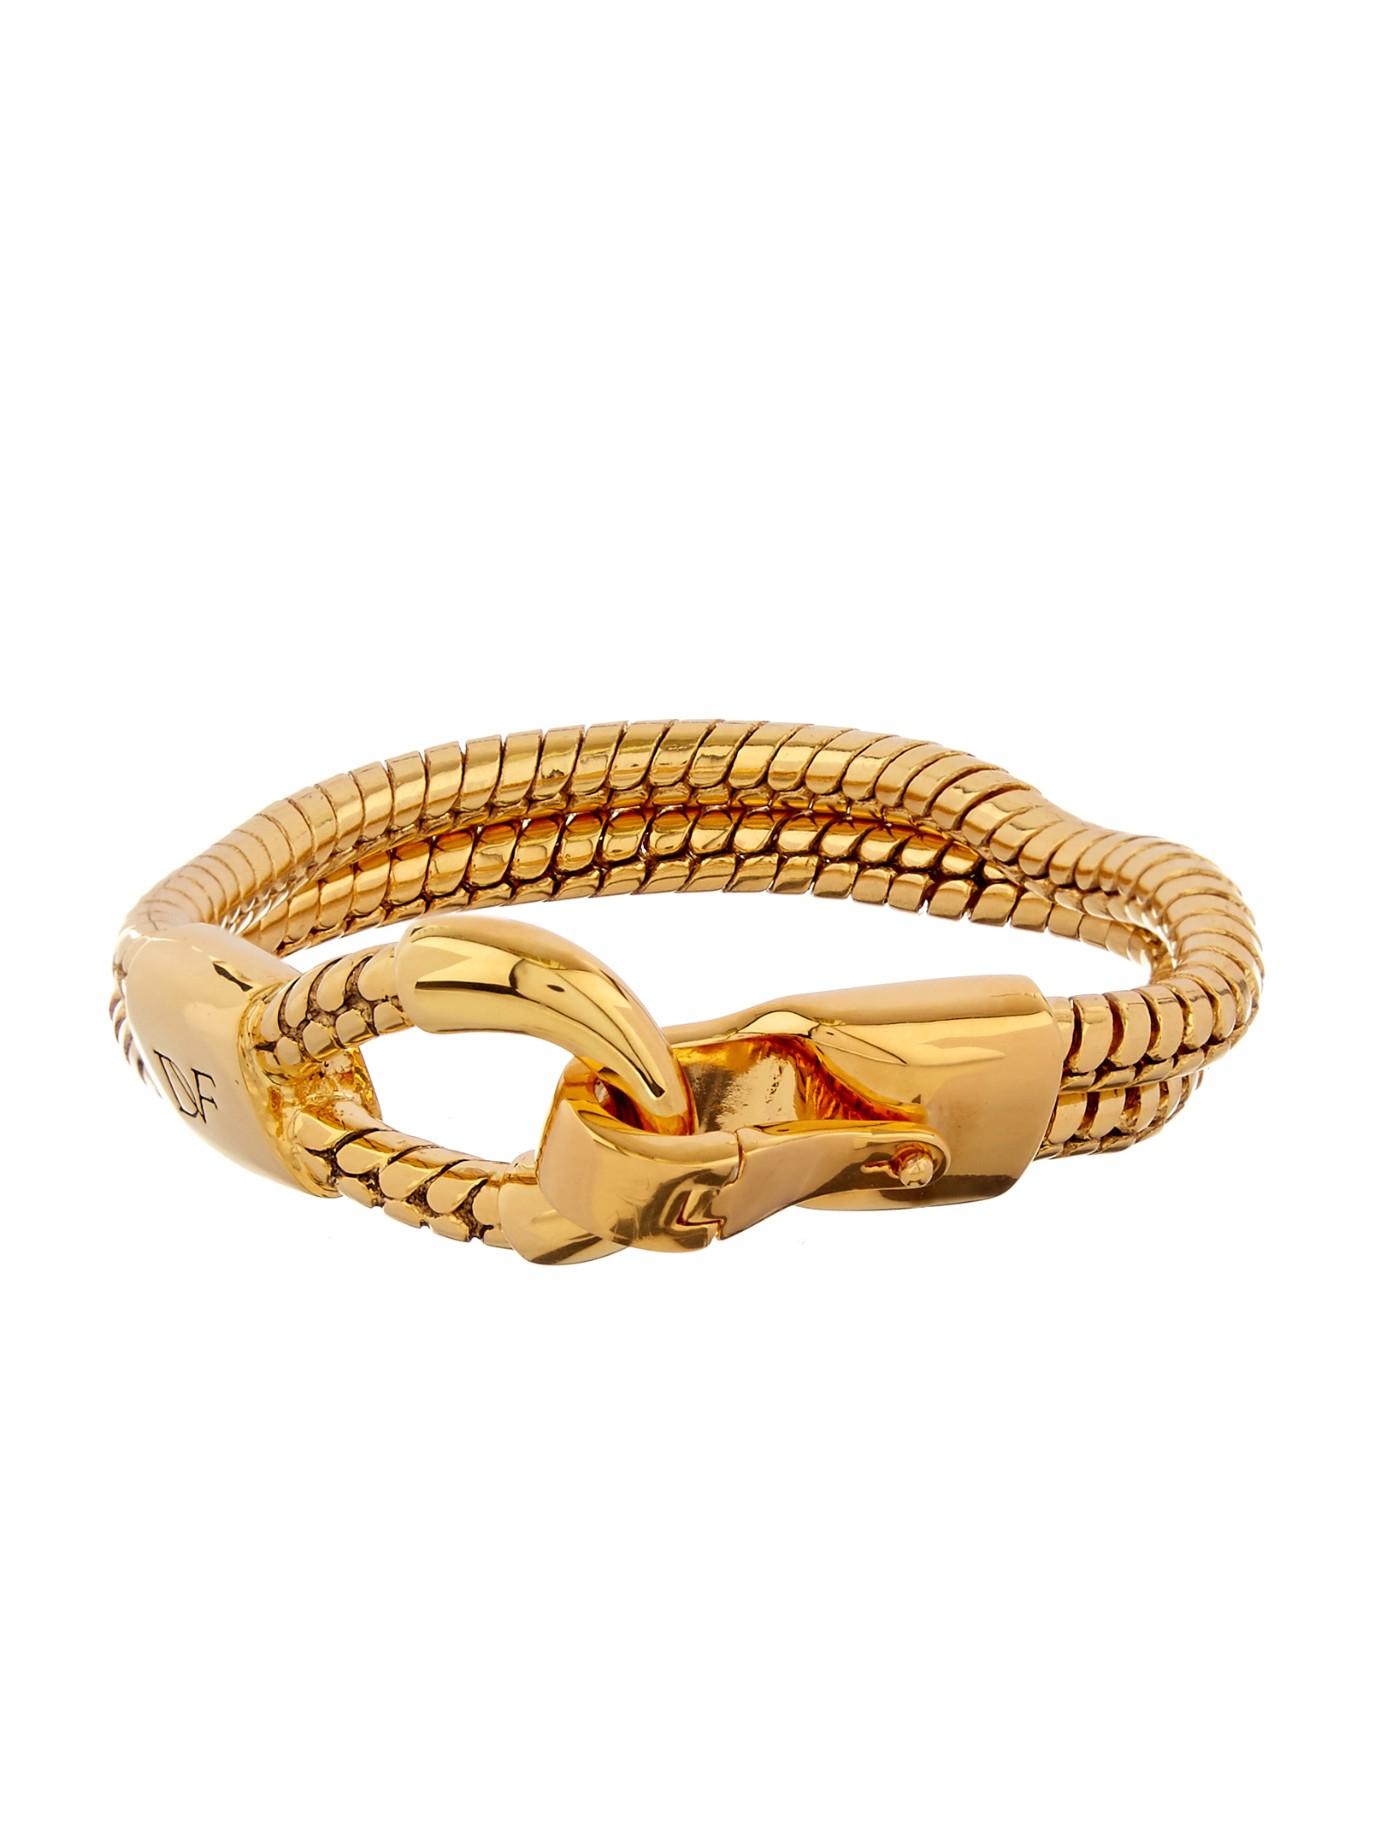 diane furstenberg snake chain gold plated bracelet in